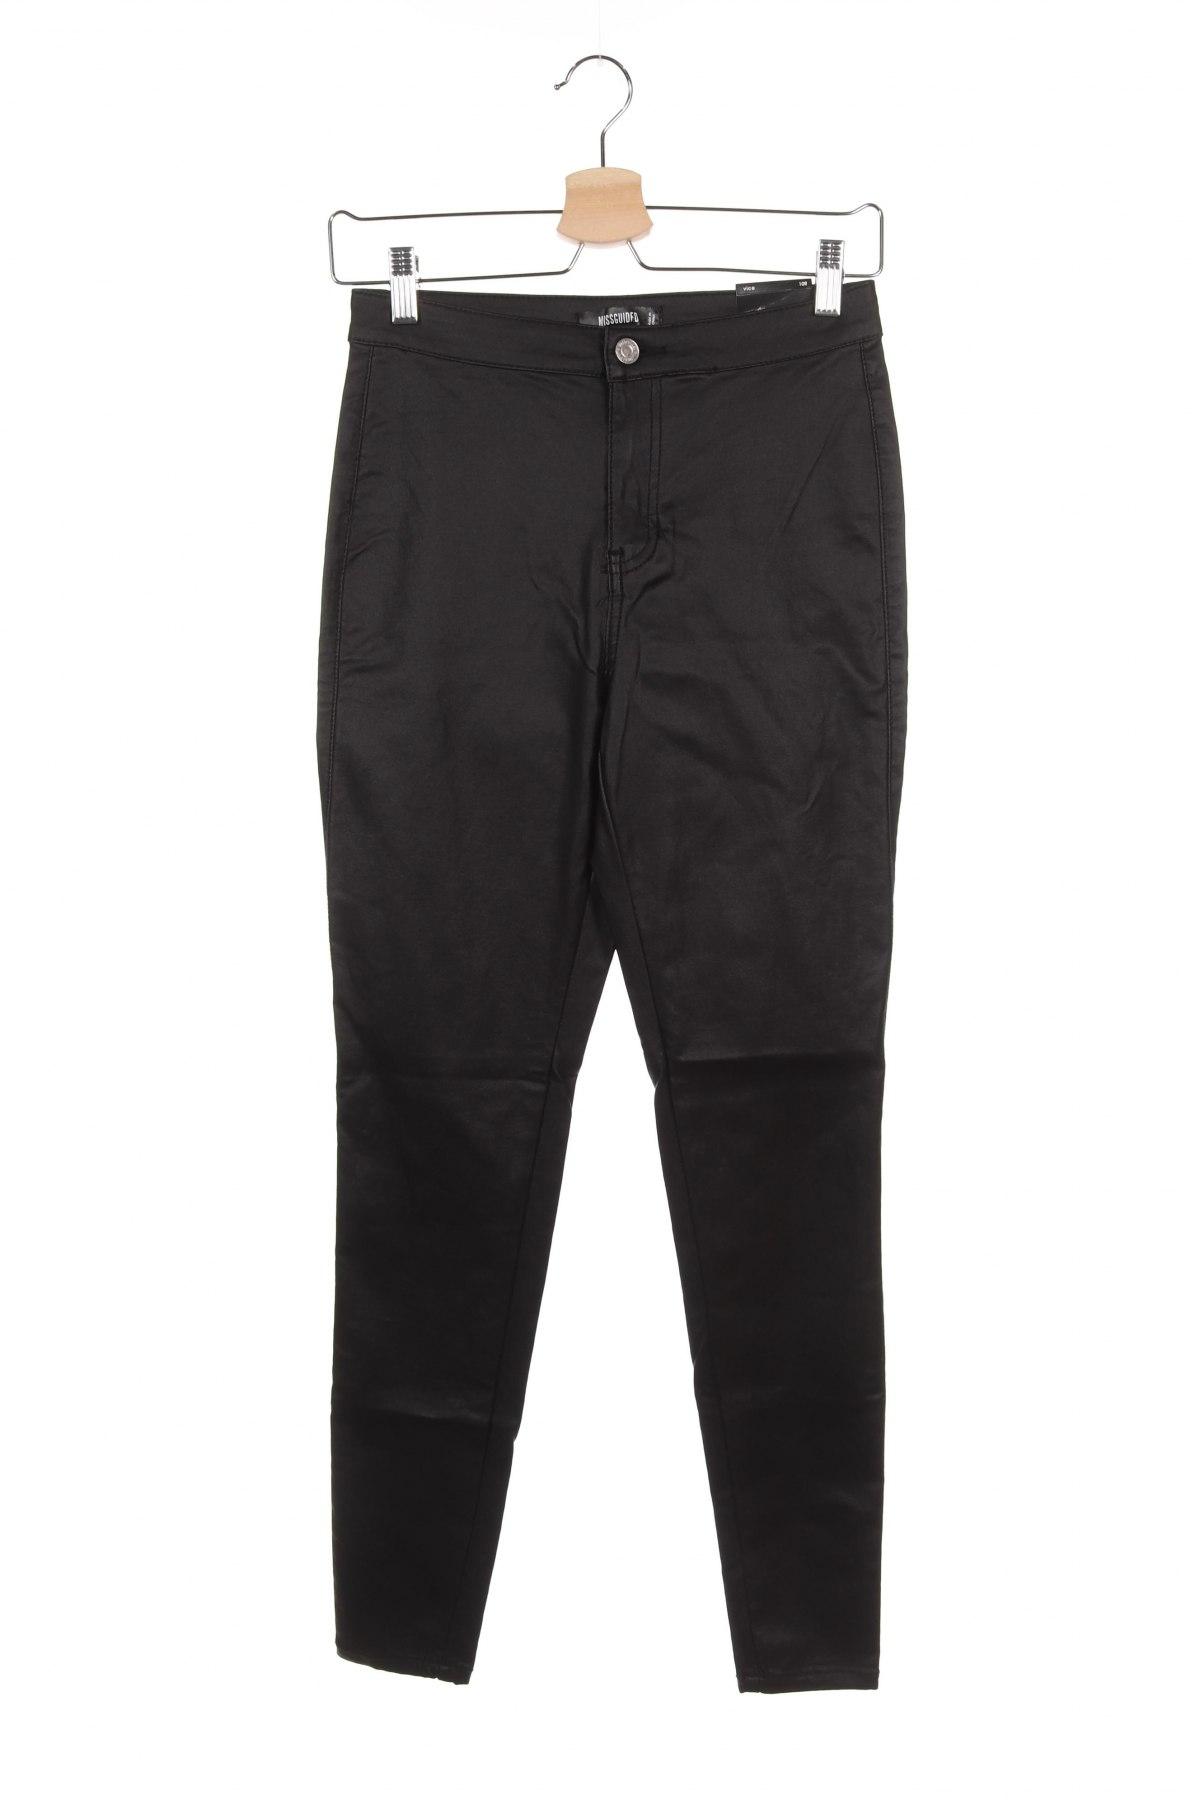 Дамски панталон Missguided, Размер M, Цвят Черен, 78% вискоза, 19% полиамид, 4% еластан, Цена 44,25лв.